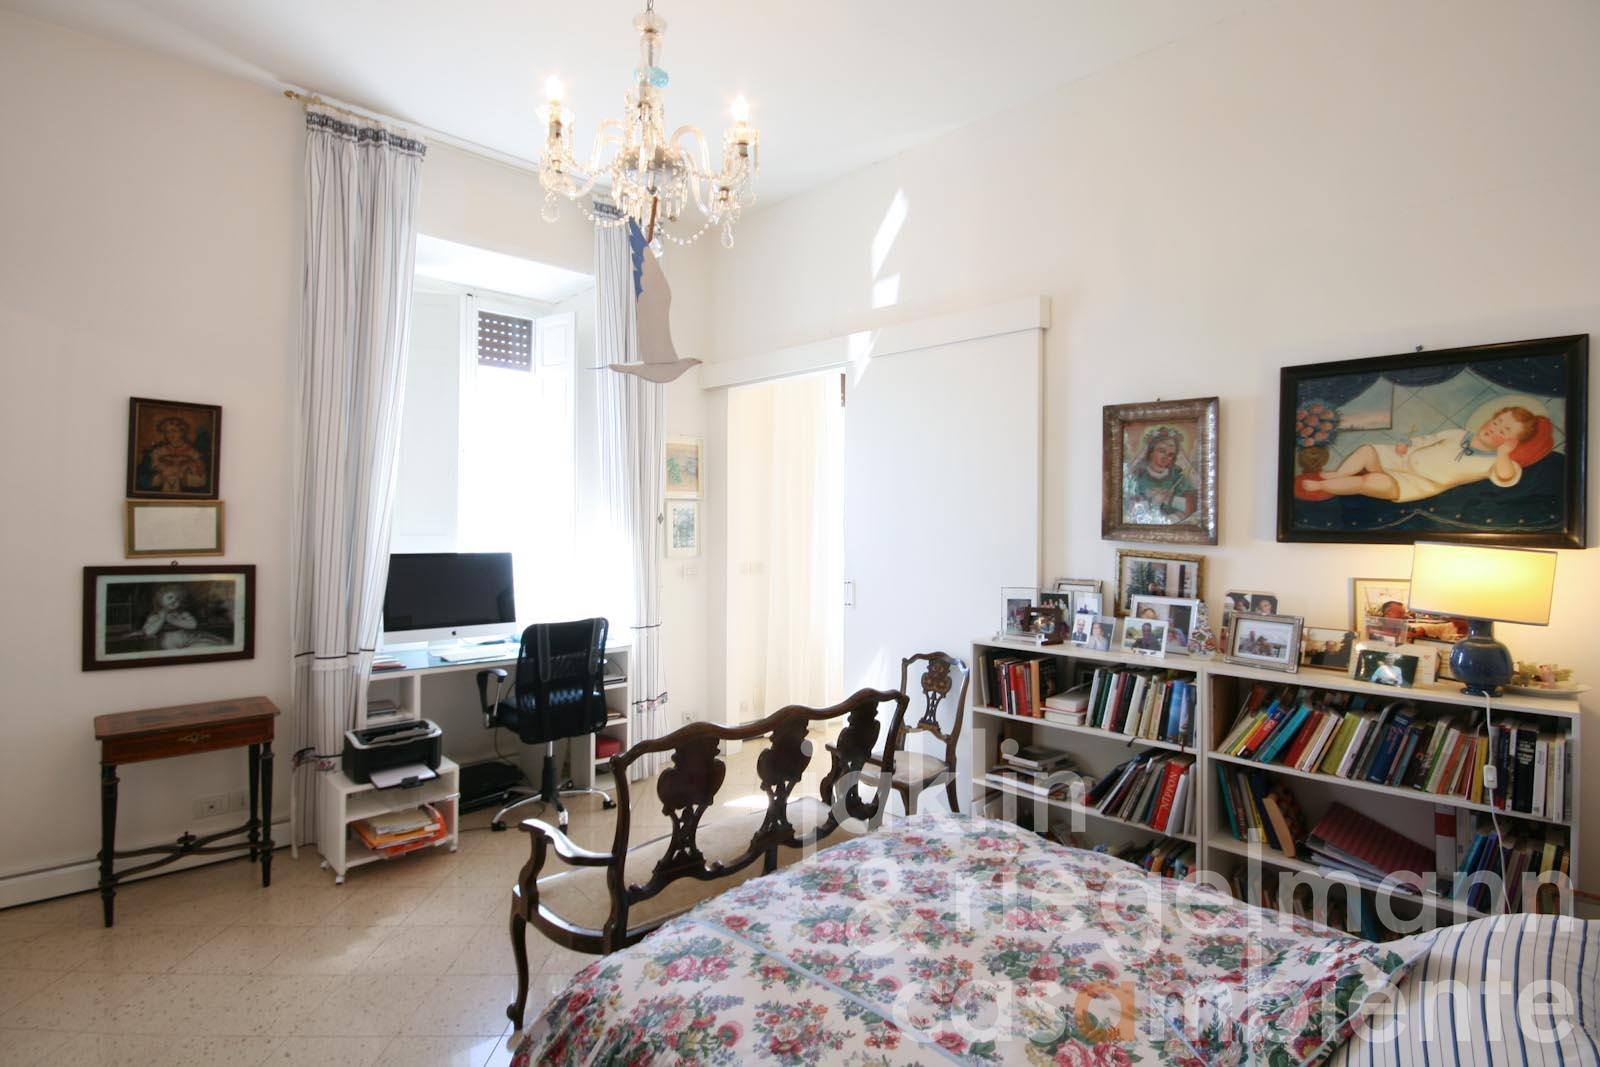 appartement zu verkaufen in italien umbrien perugia